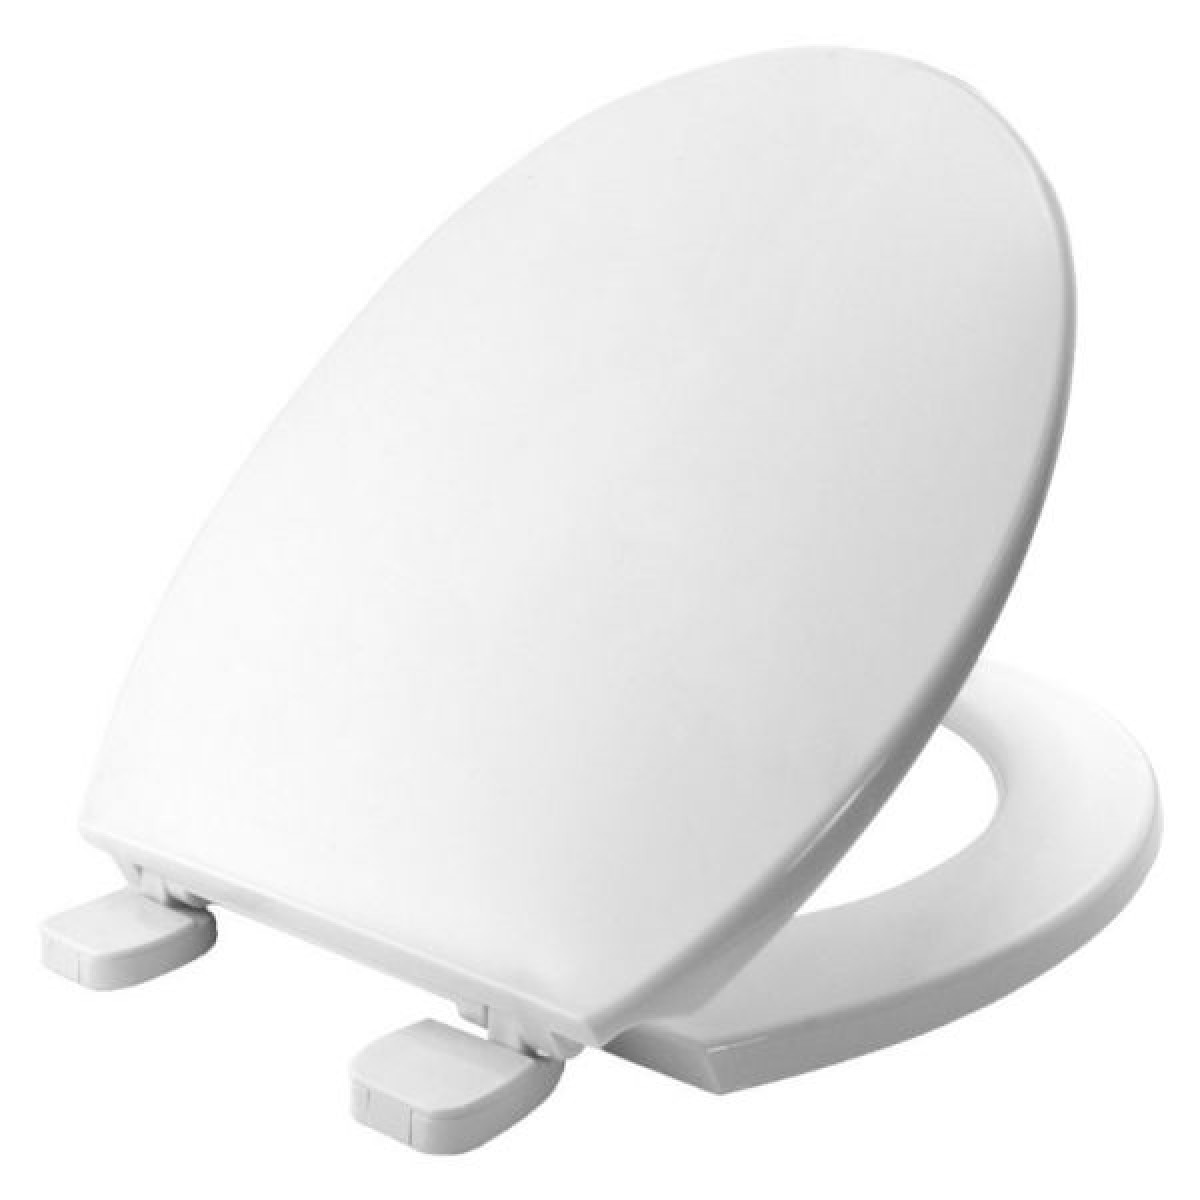 Bemis Chester STA-TITE Plastic Toilet Seat (White)